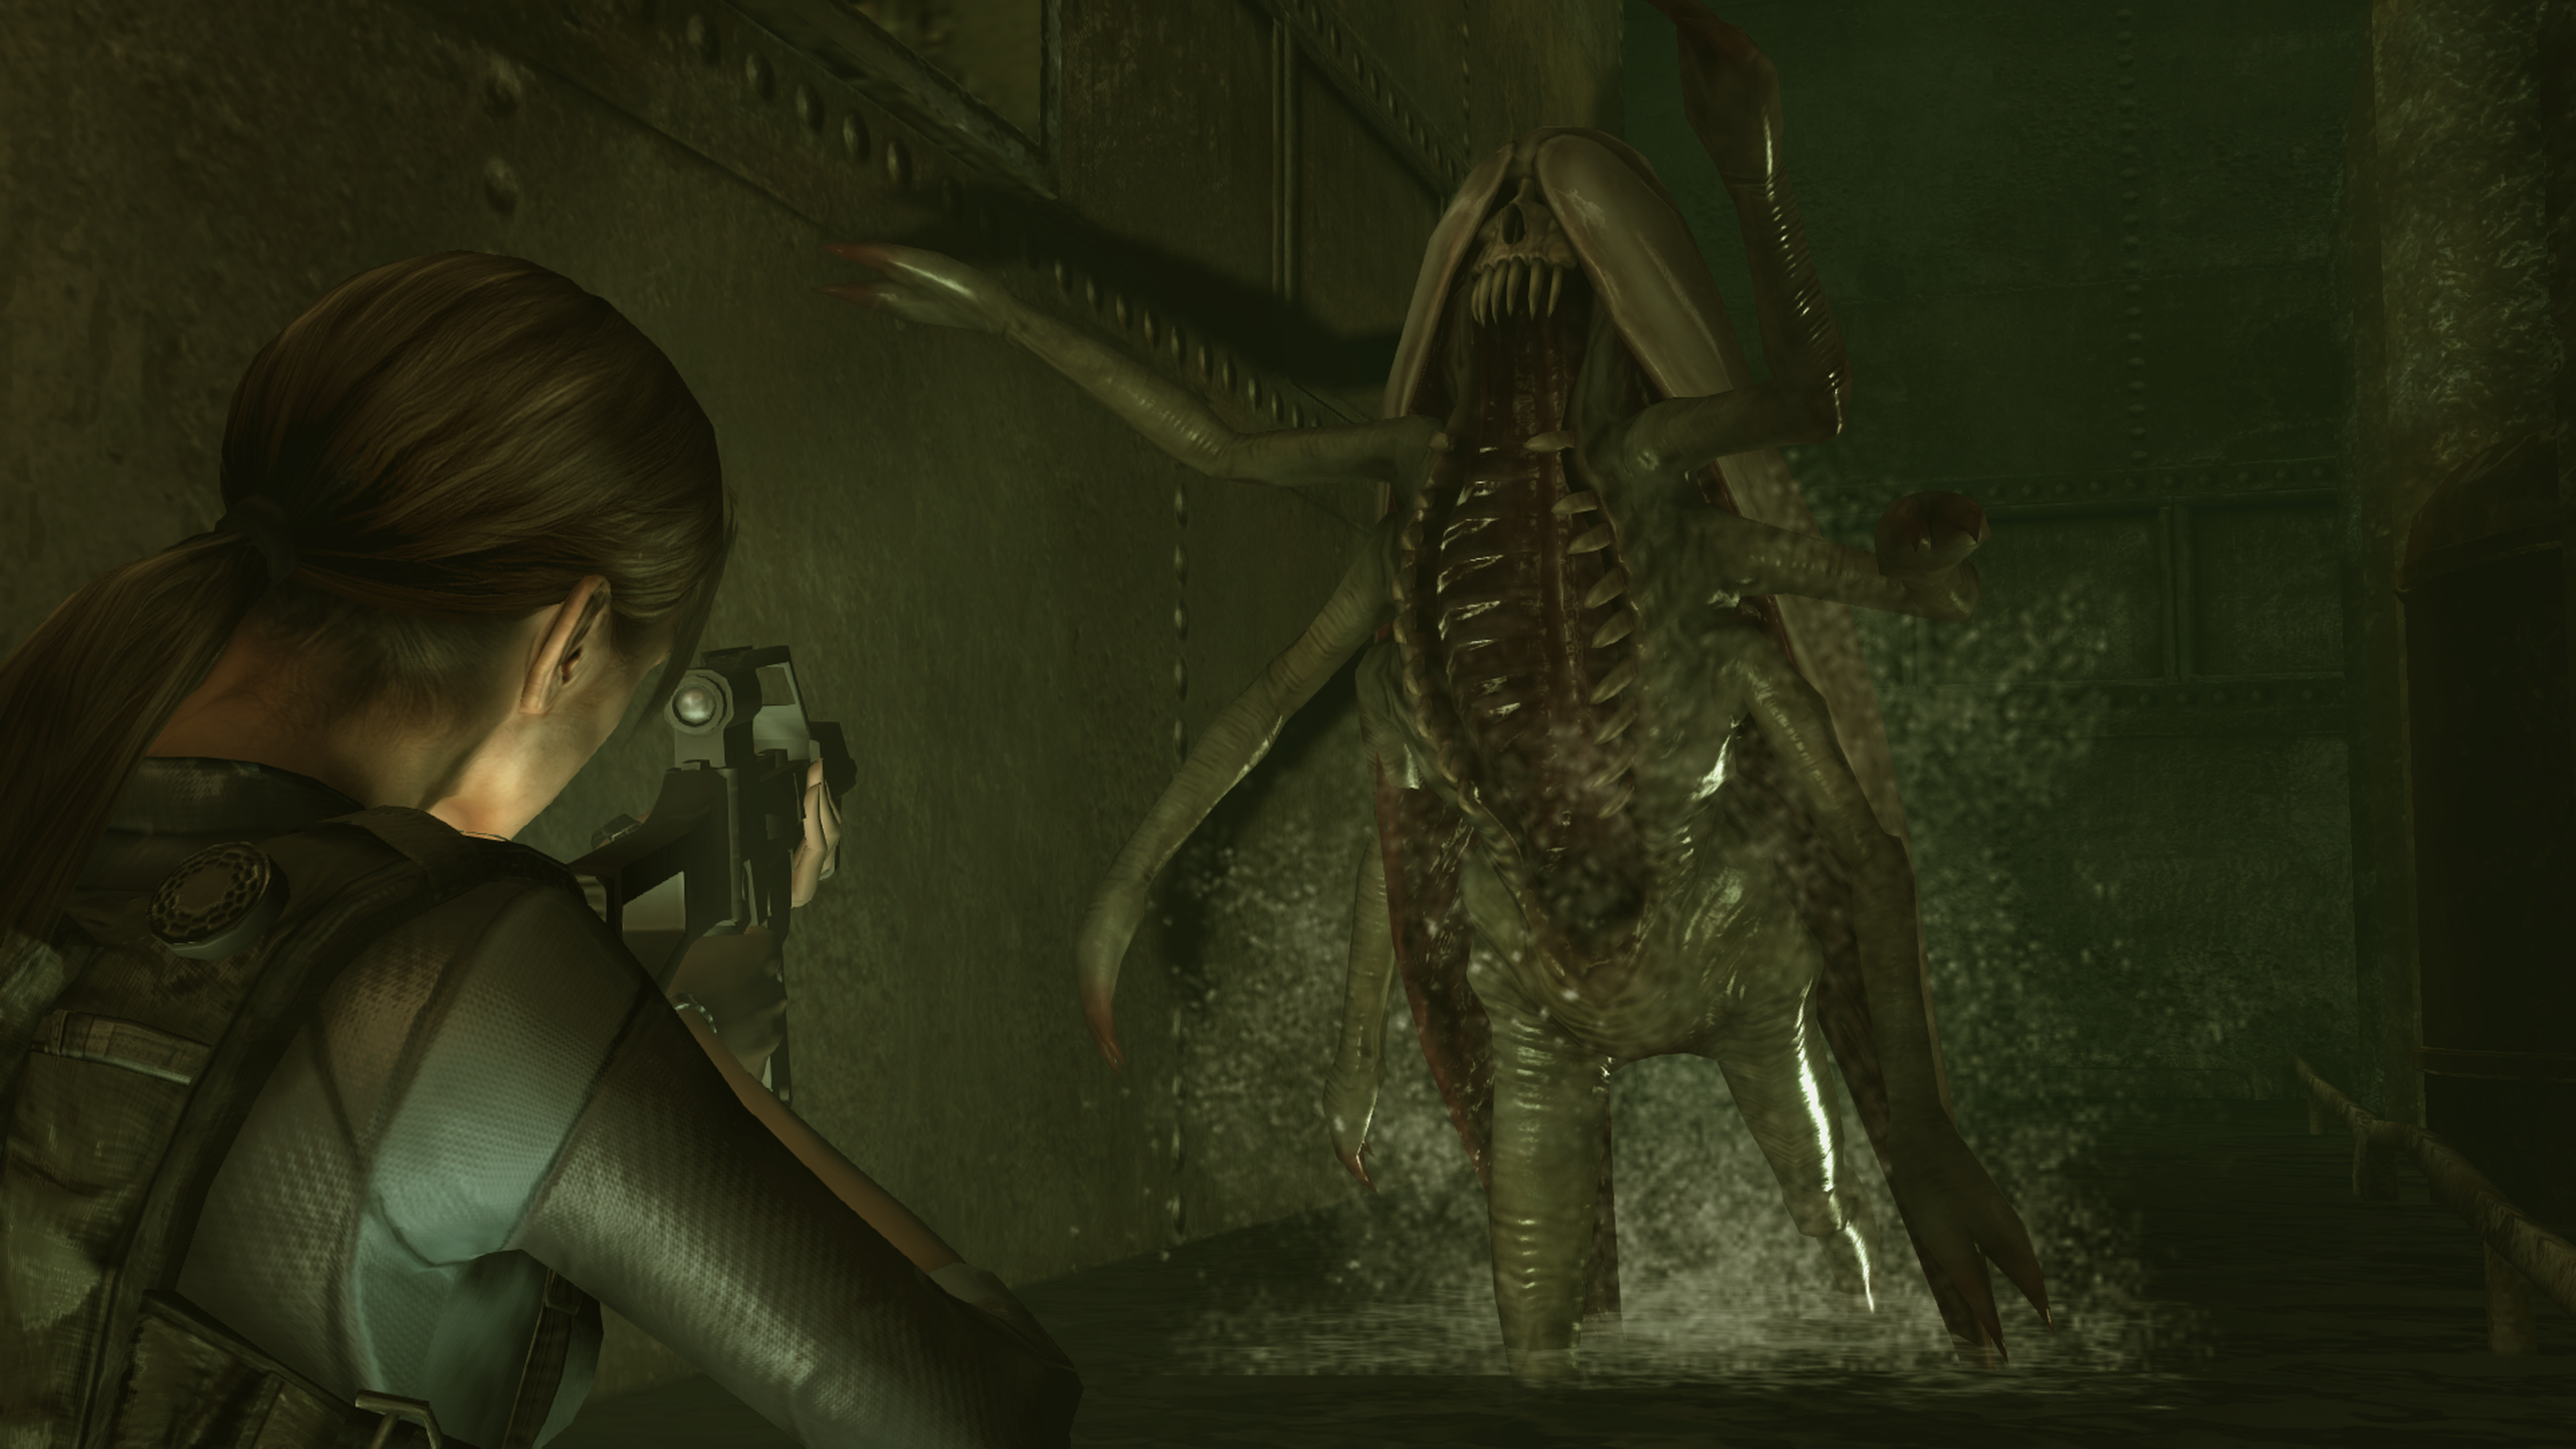 Resident Evil Revelations - nope